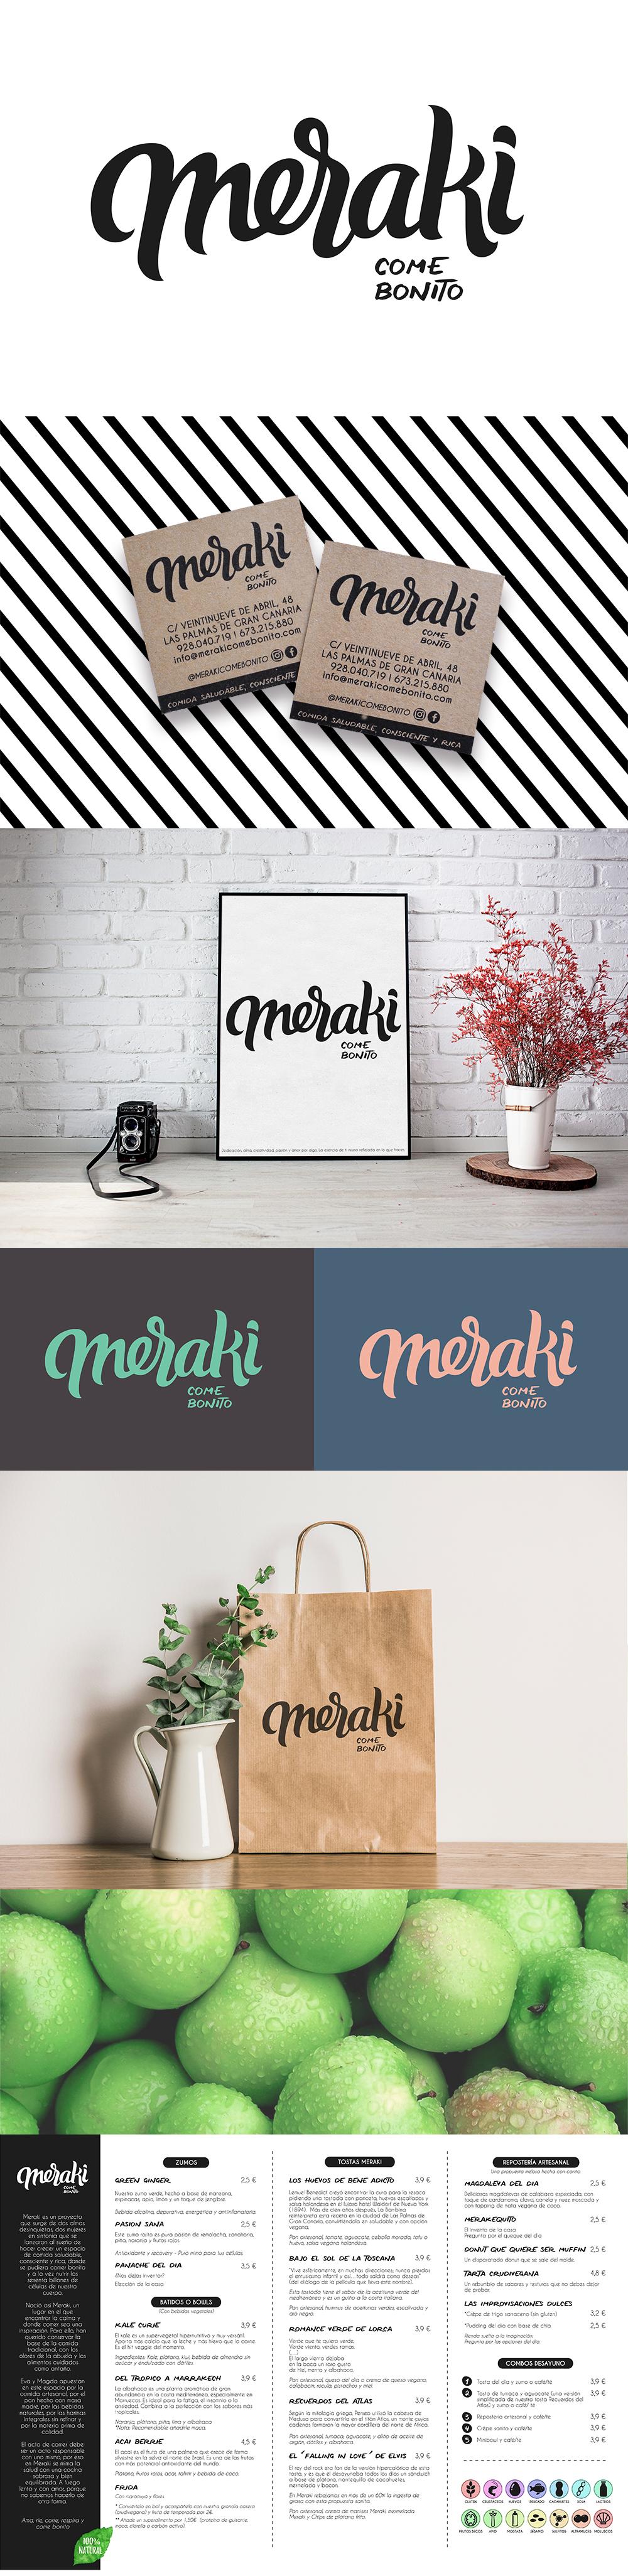 MERAKI_1